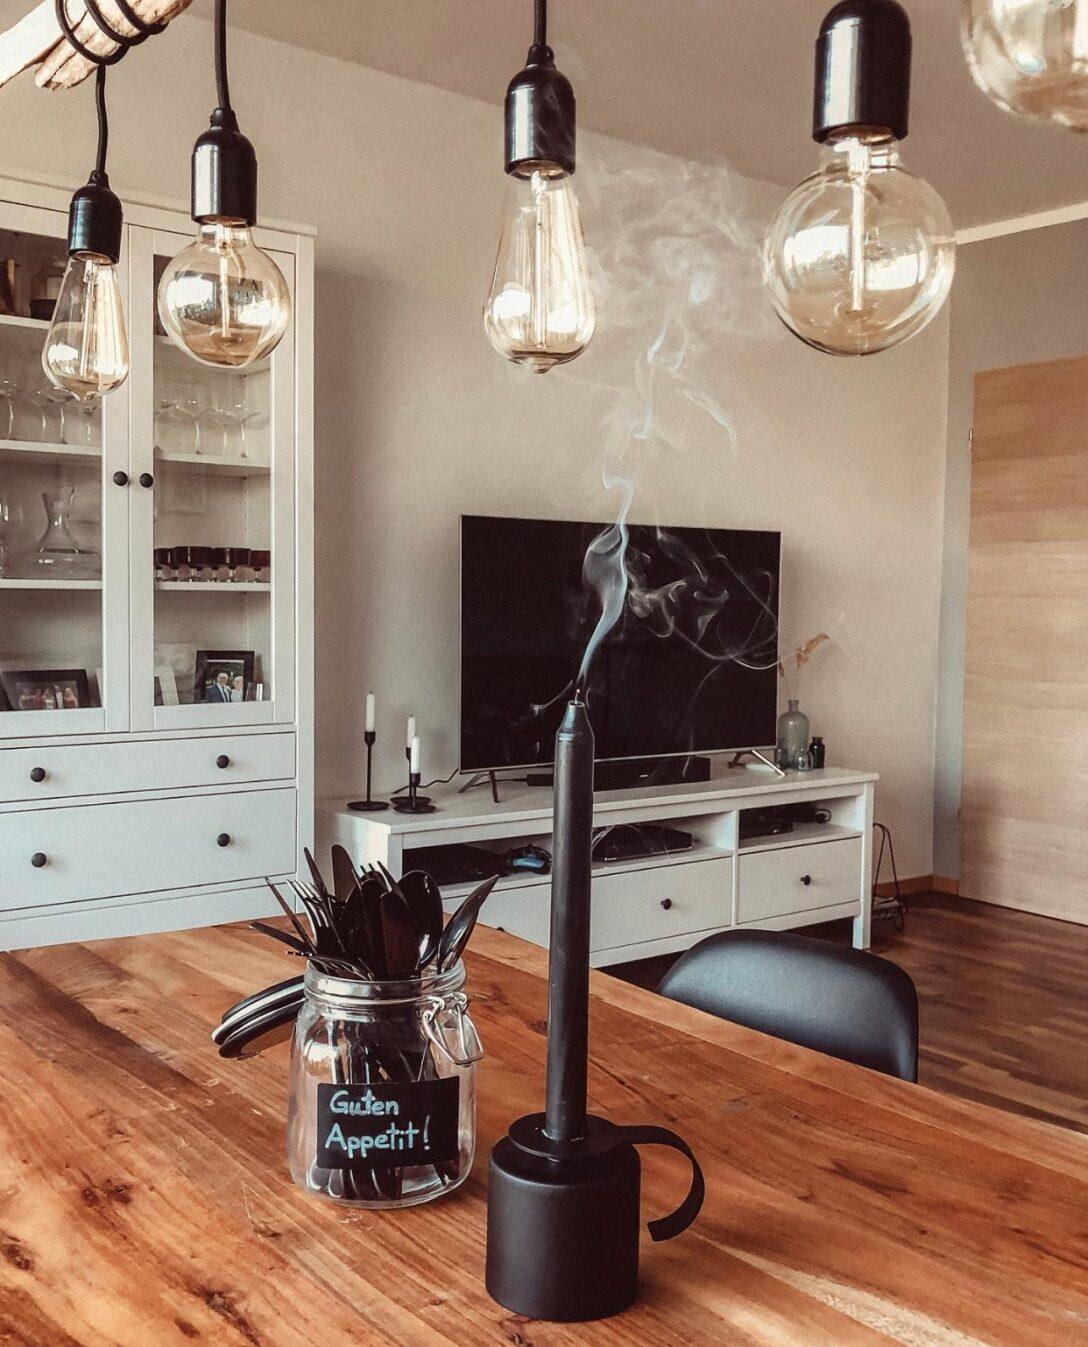 Large Size of Poster Wohnzimmer Landhausstil Relaxliege Beleuchtung Teppiche Lampen Esstisch Deckenleuchten Teppich Badezimmer Deckenlampen Deckenleuchte Hängeschrank Wohnzimmer Lampen Wohnzimmer